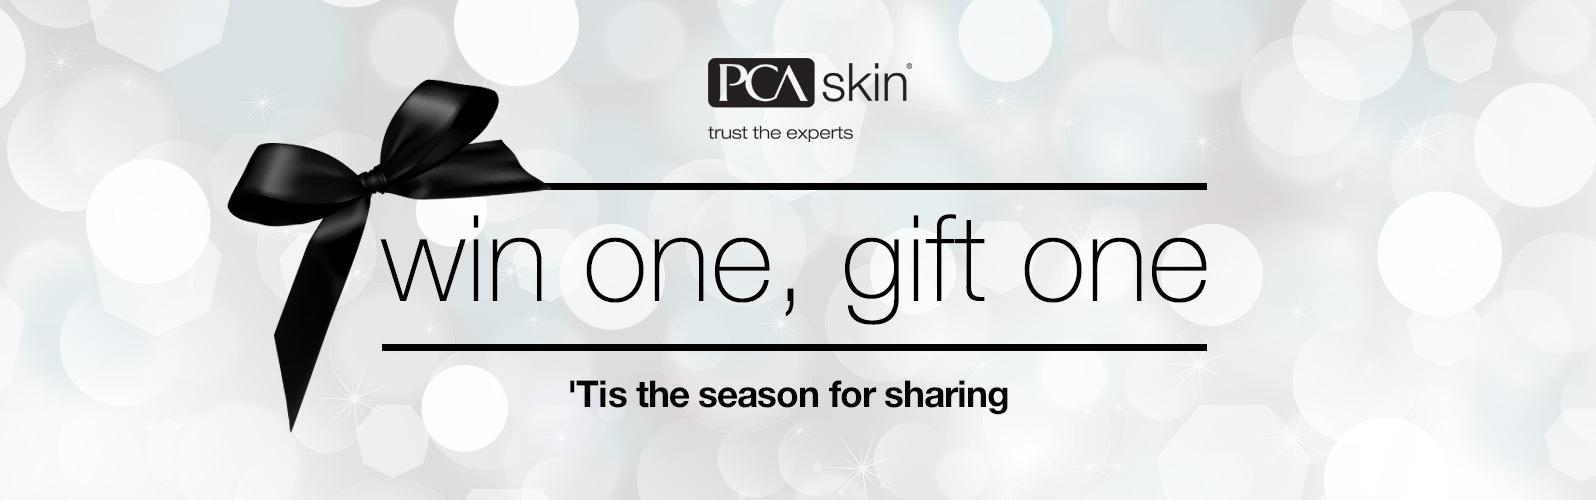 PCA SKIN Win One Gift One